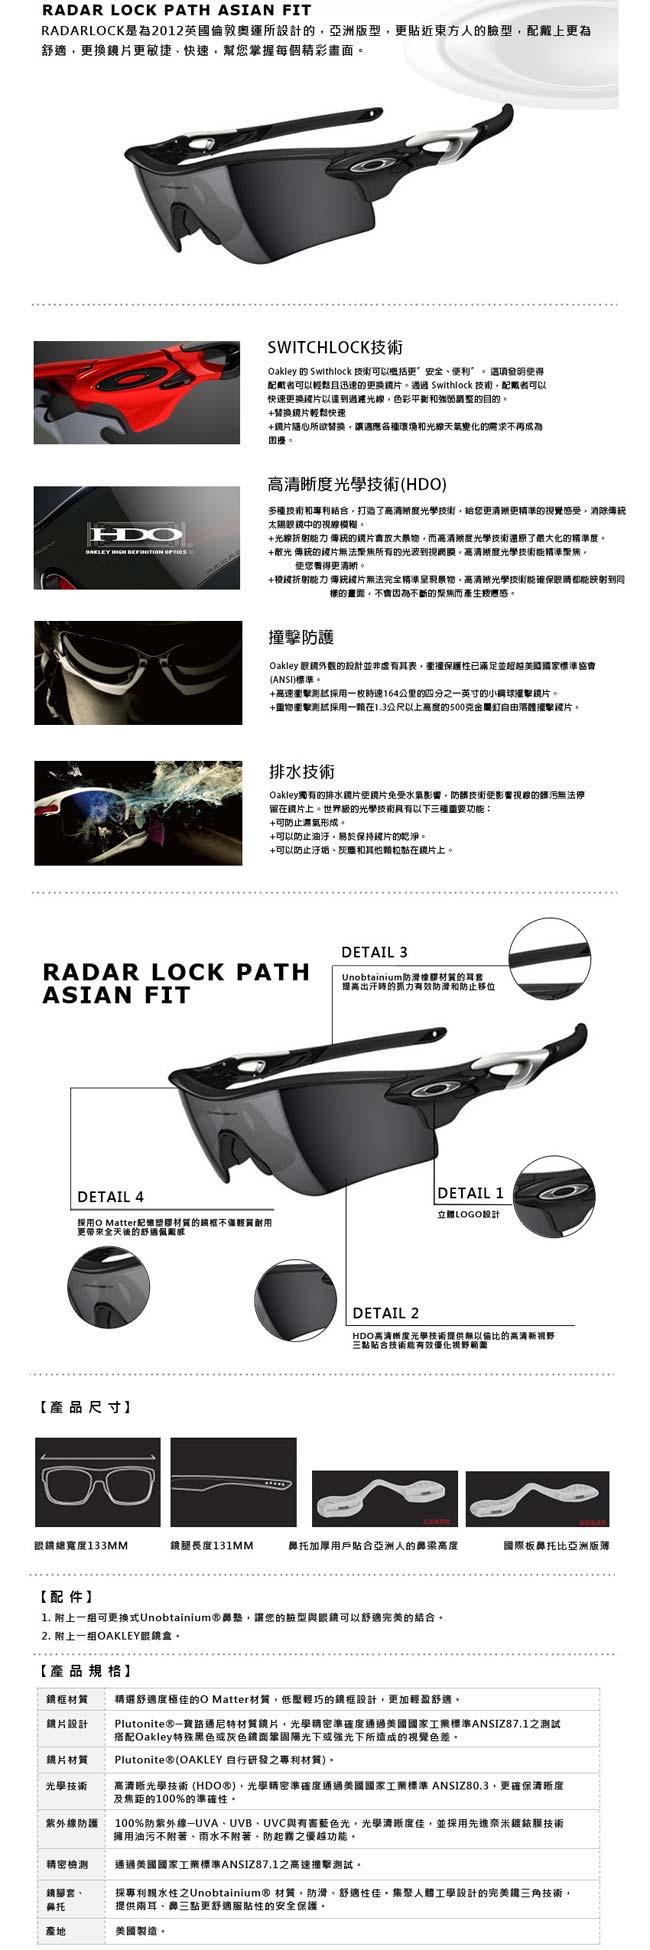 oakley visor  oakley radarlock path